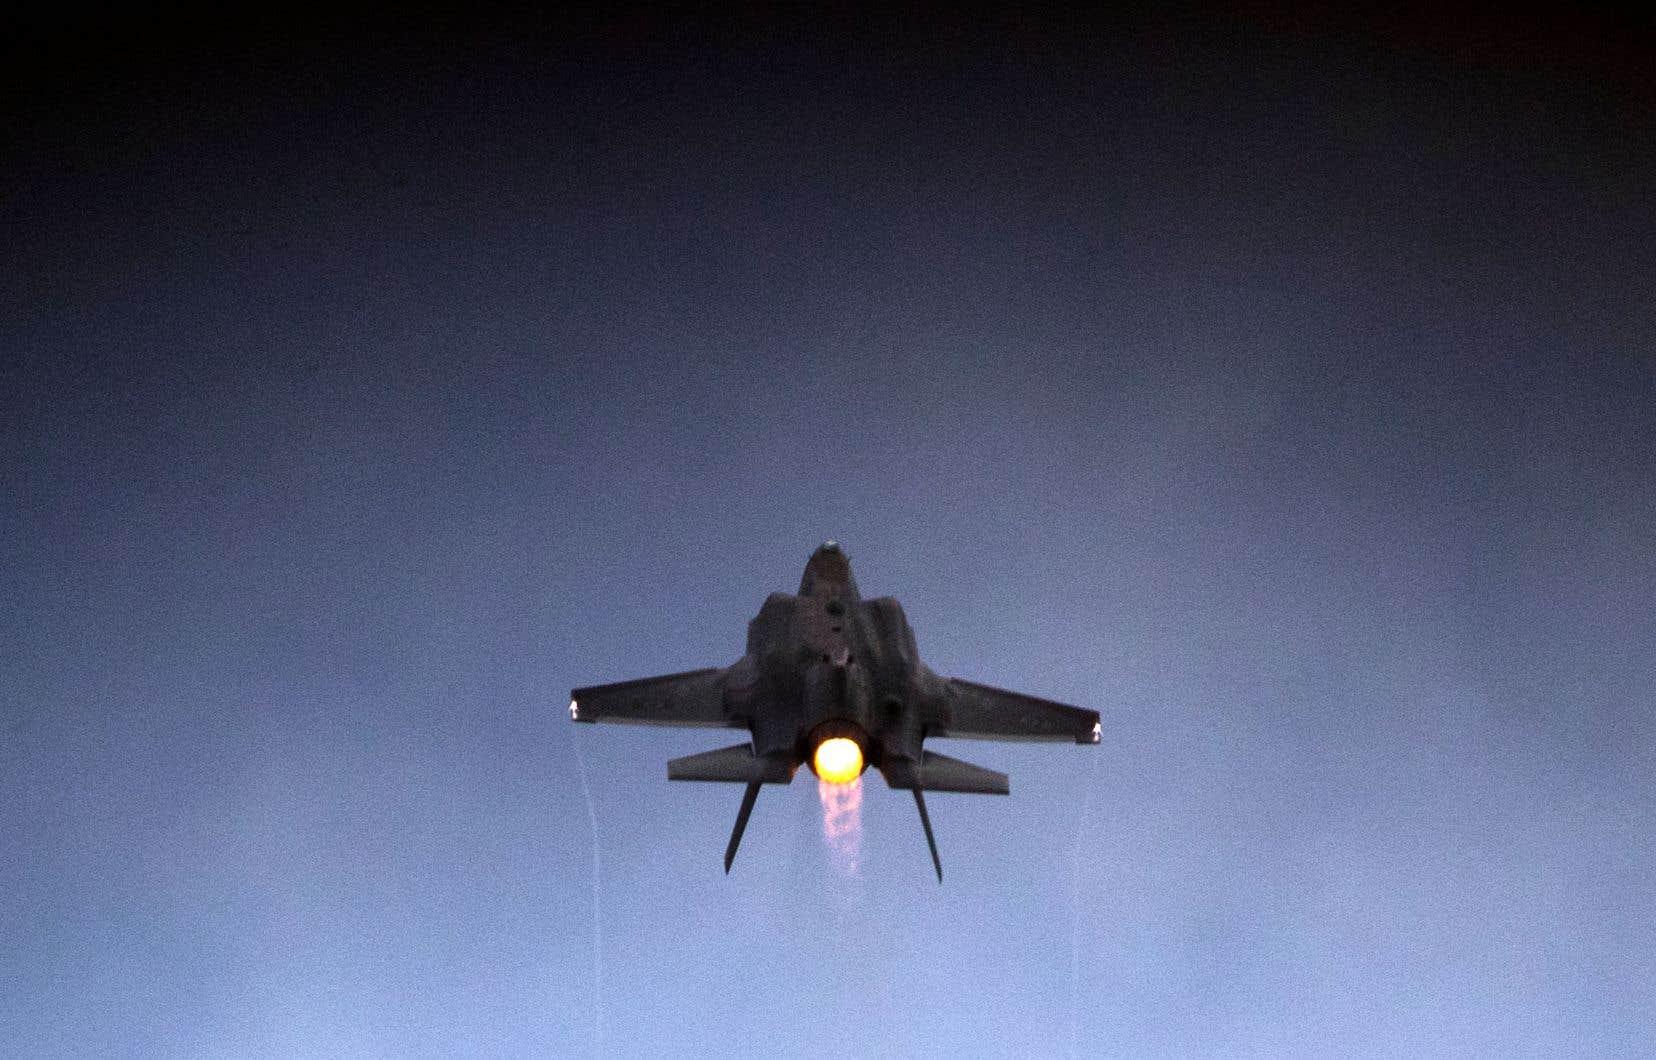 Un avion de combat F-35 israélien décollant de la base aérienne militaire de Hatzerim, dans la région désertique de Negev, en Israël, le 27 décembre 2017.